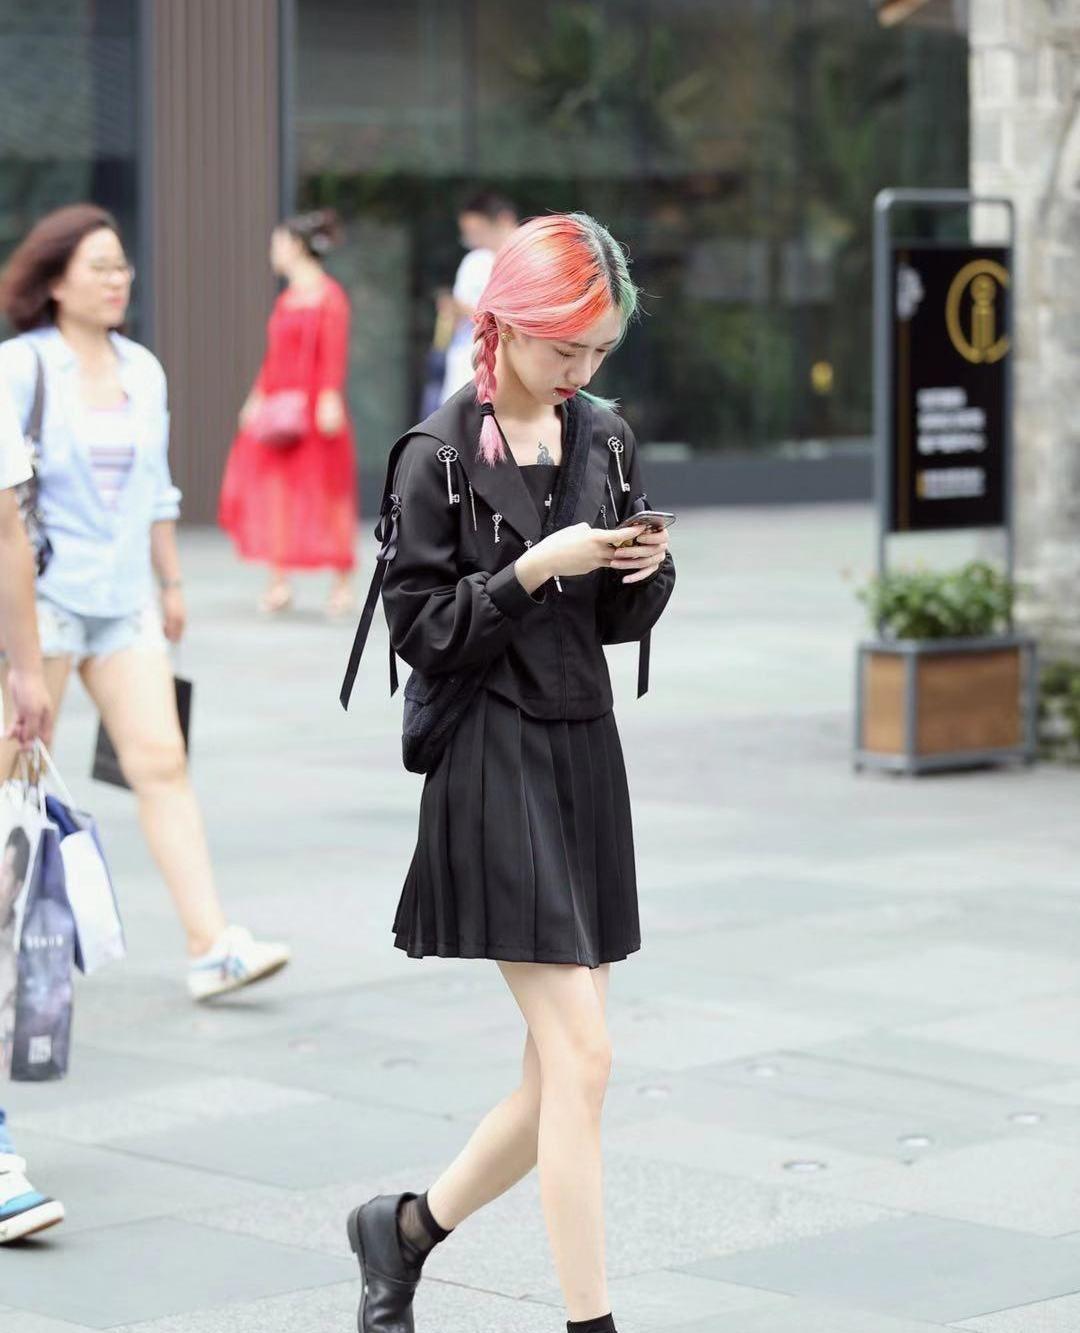 街拍,小姐姐黑色上衣搭配同色百褶裙,麻花辫清纯甜美发色吸睛